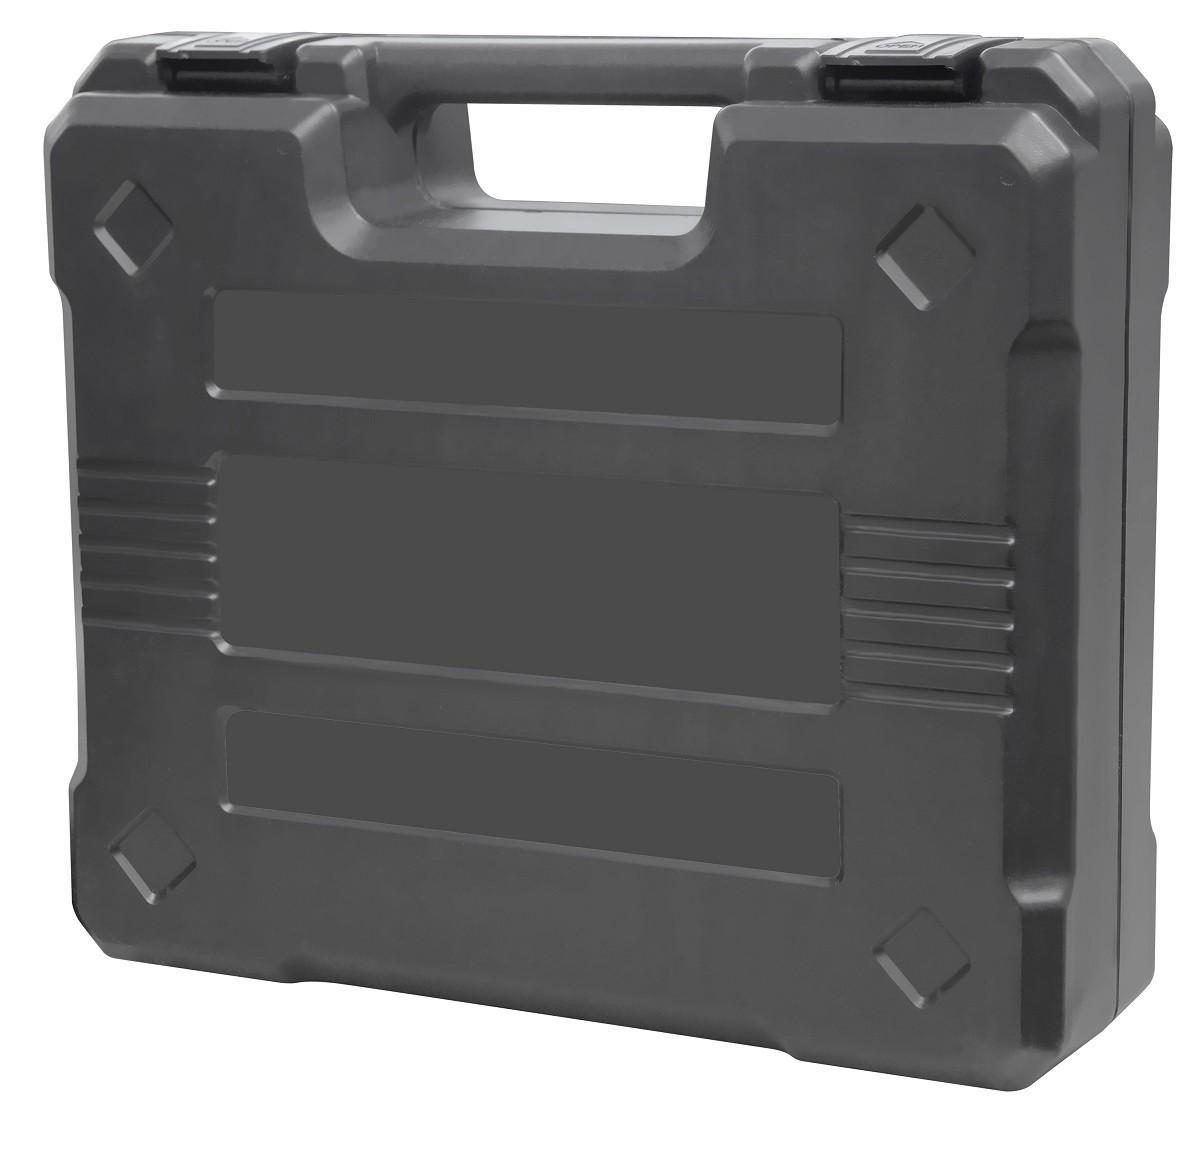 Furadeira Parafusadeira com Bateria de Lítio 12v - Goodyear